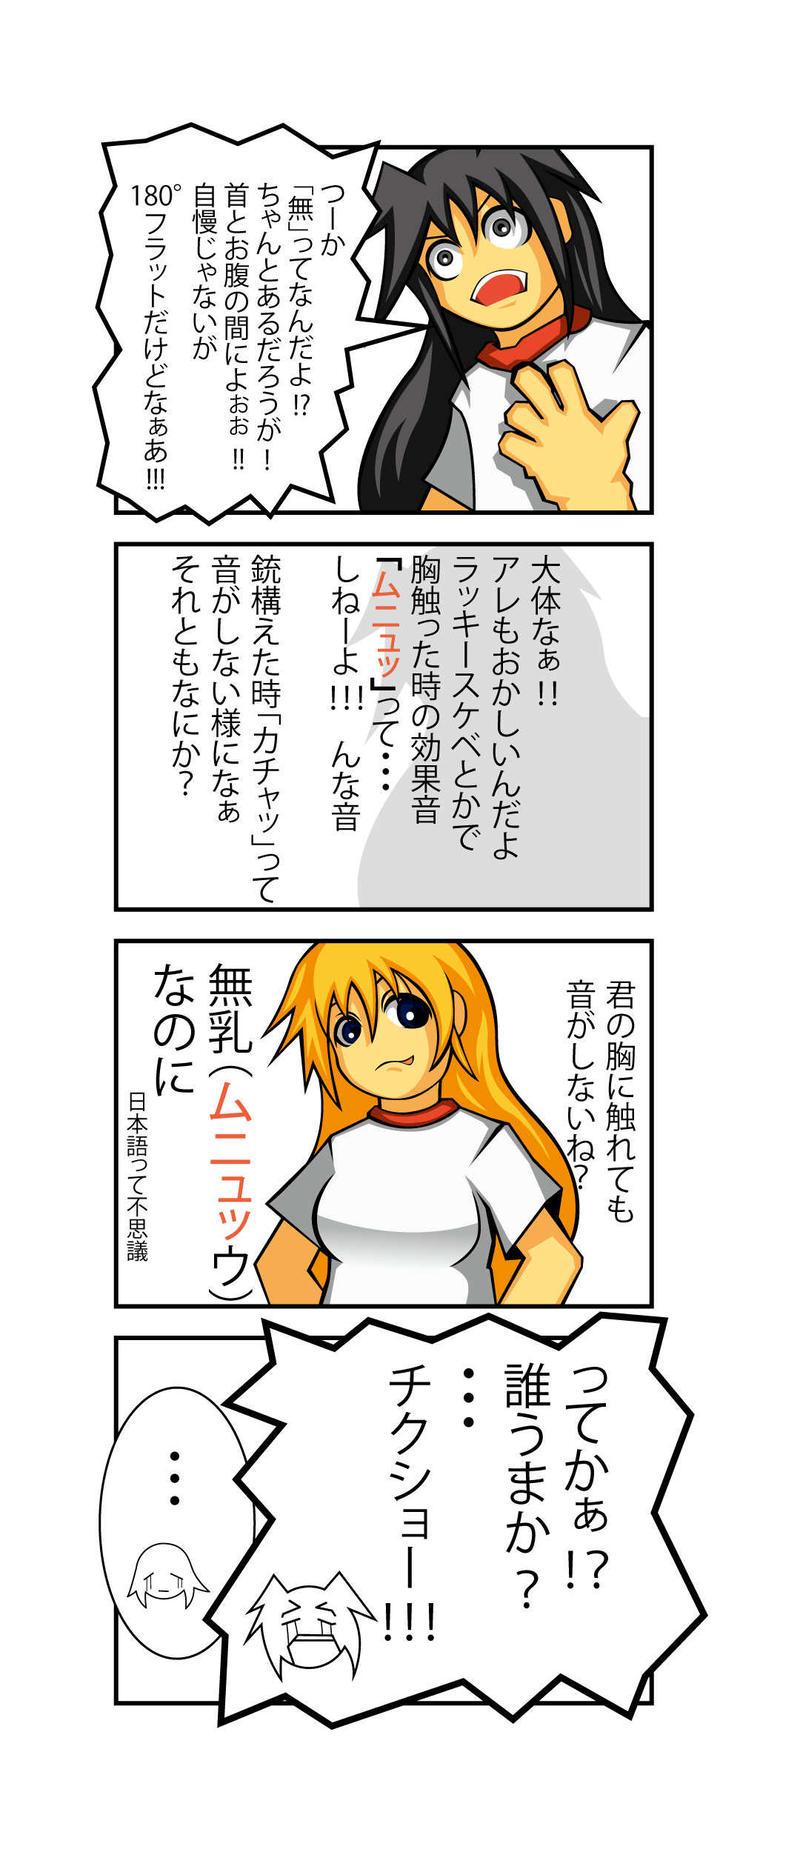 運動の実践2